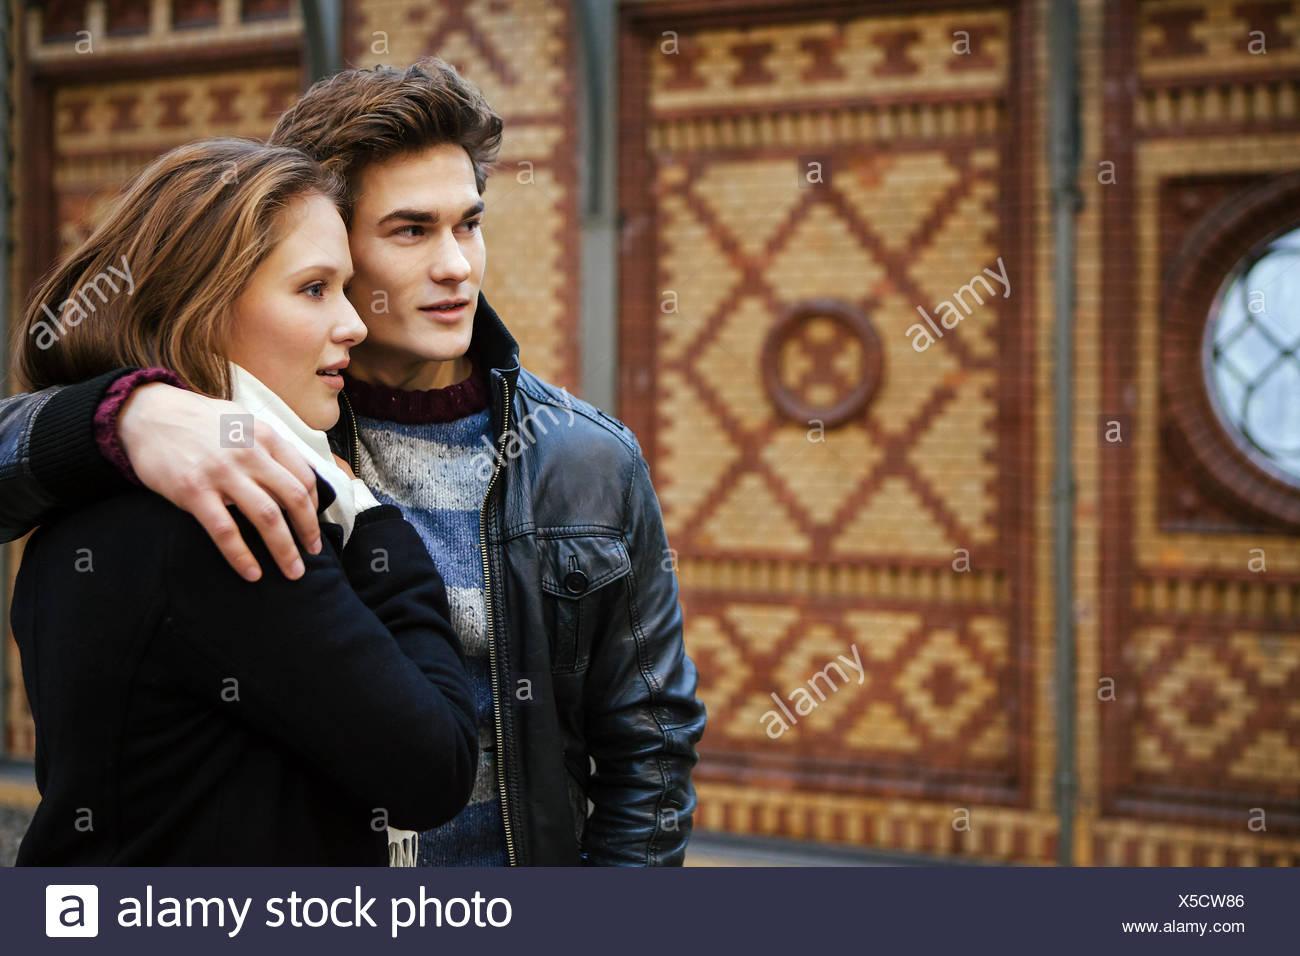 Dating-Unterschied im Alter